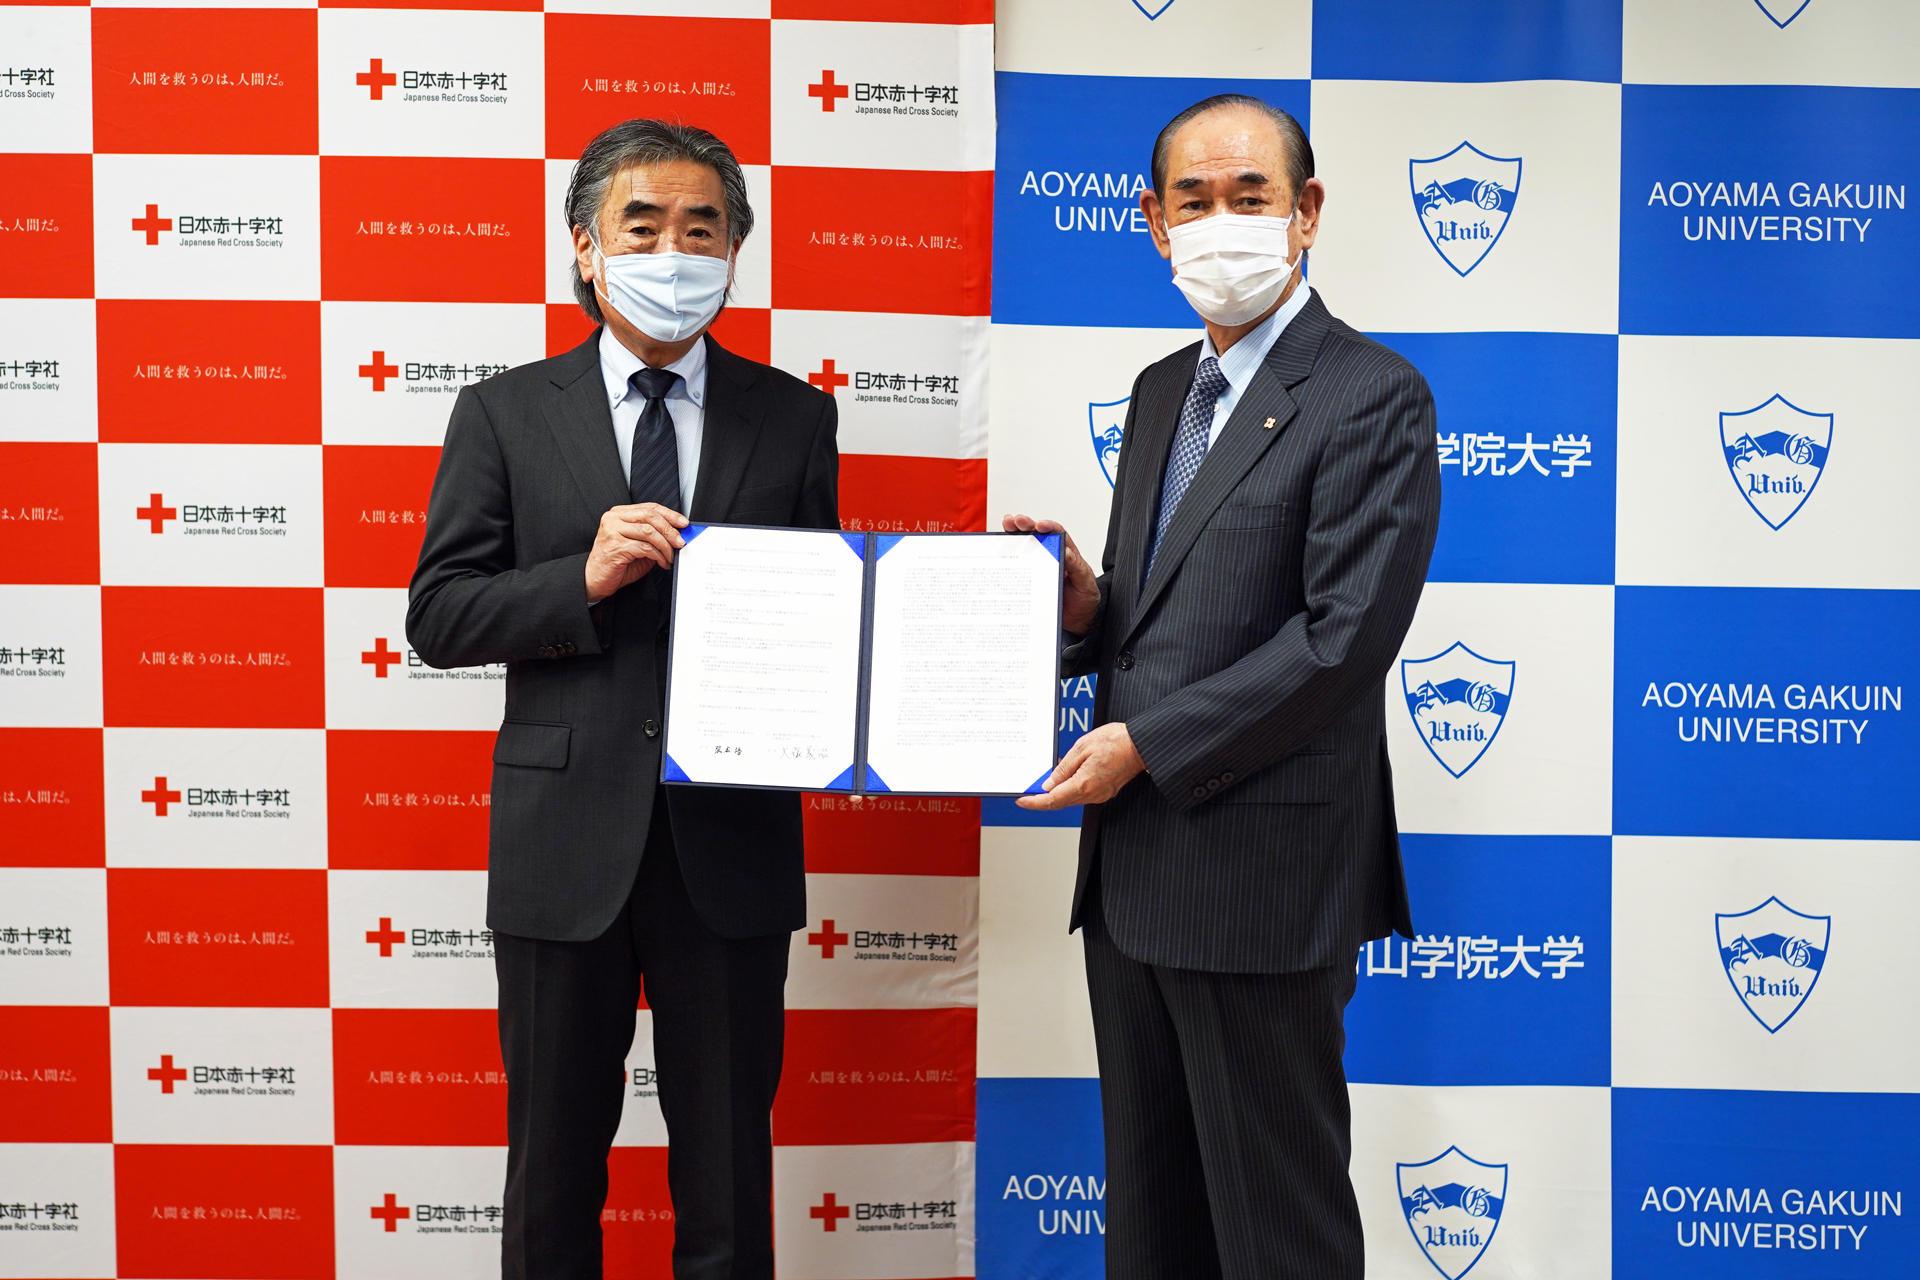 青山学院大学と日本赤十字社がボランティア・パートナーシップ協定を締結